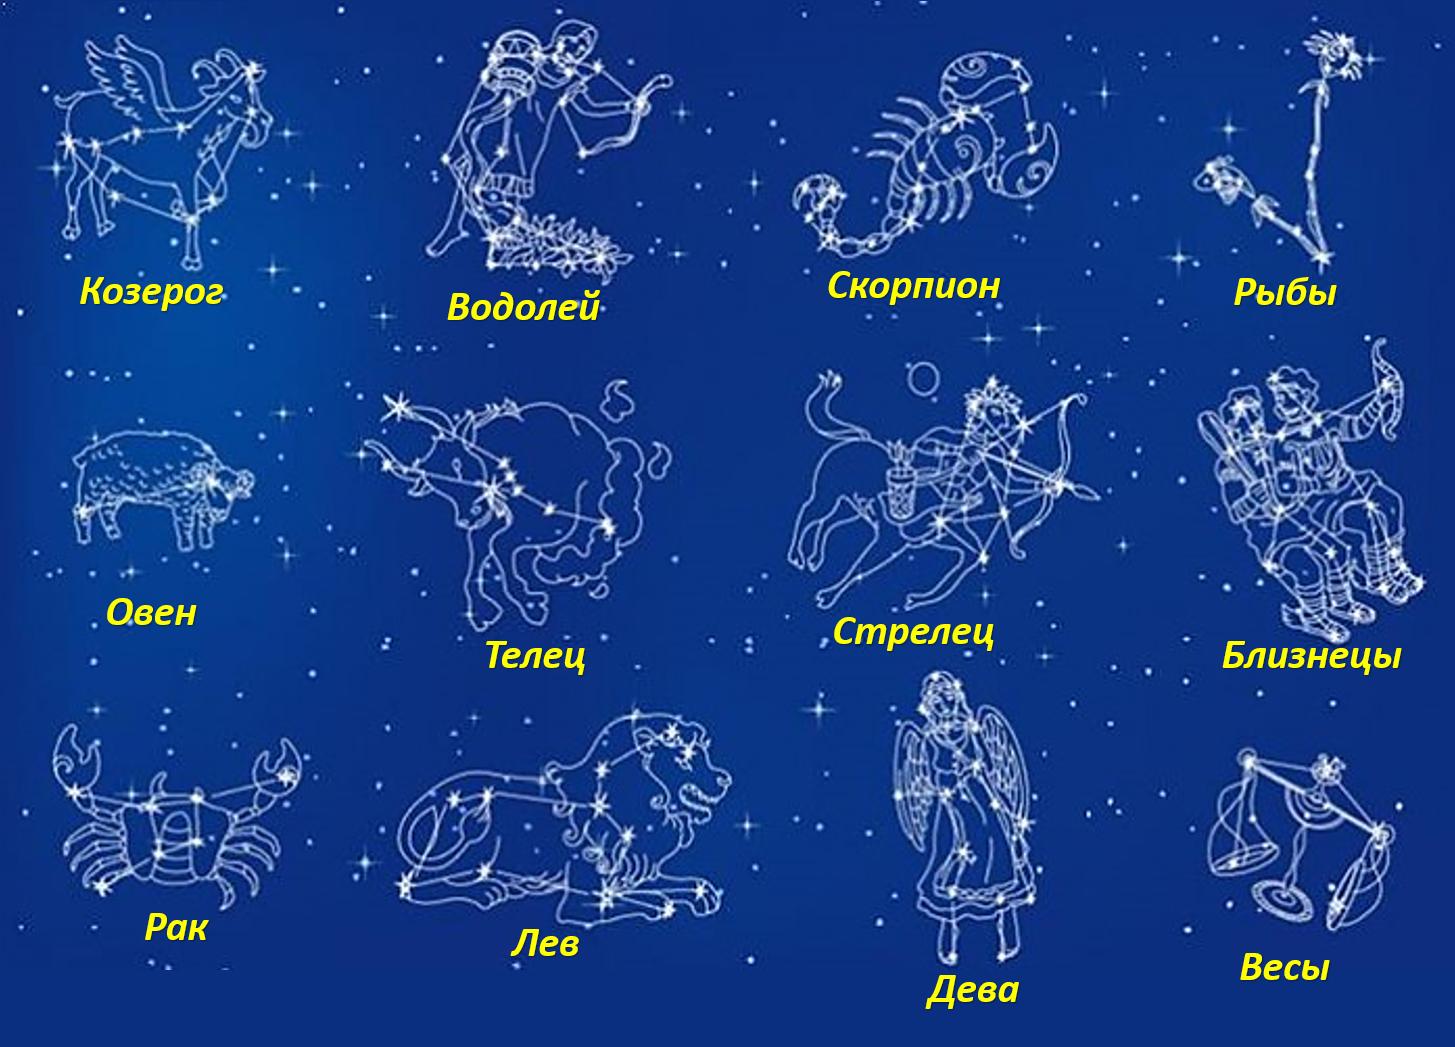 Созвездия знаков зодиака картинки подписанные на русском